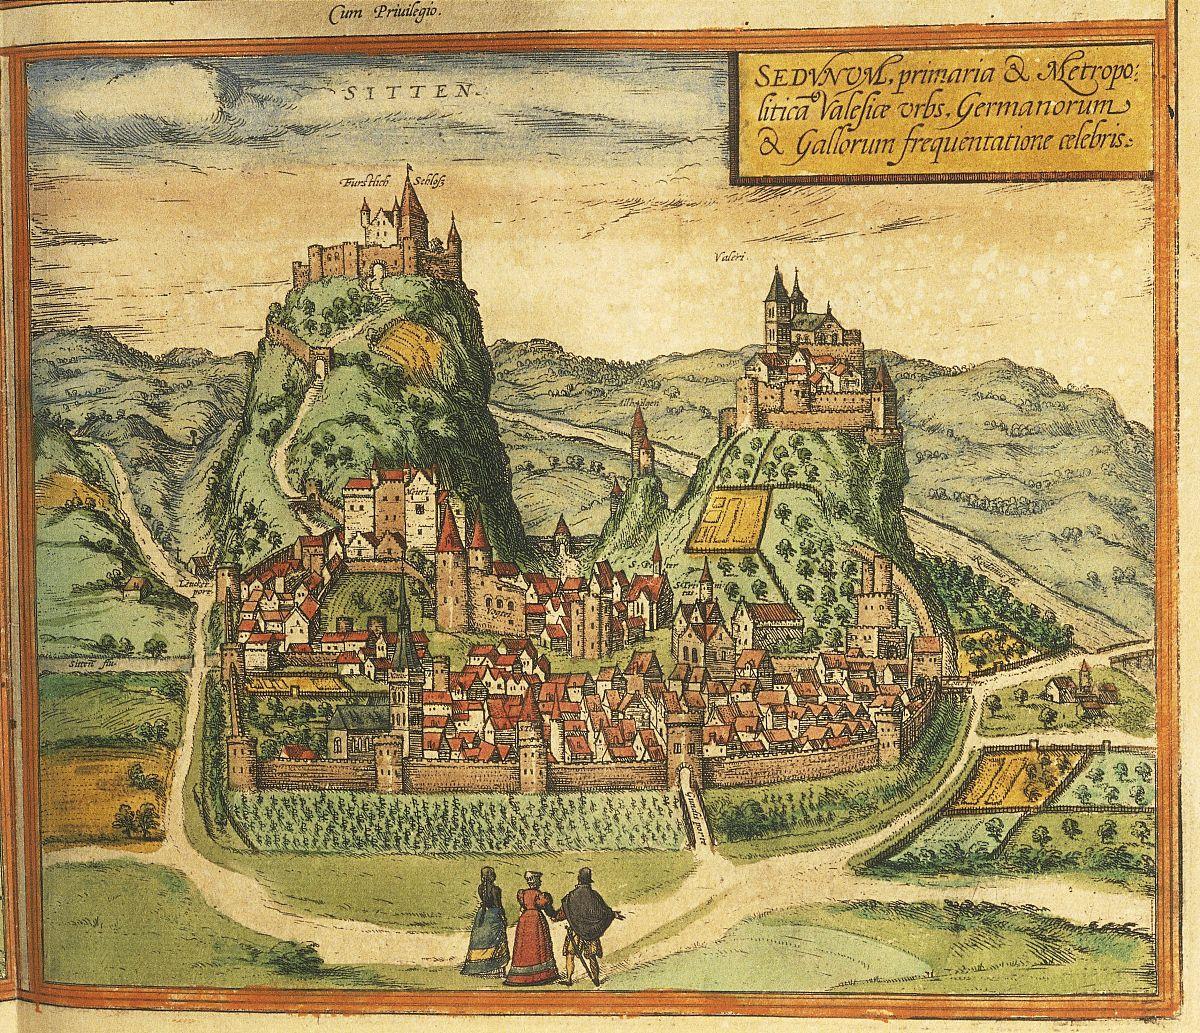 城镇,历史,水平画幅,影棚拍摄,宫殿,高视角,地图,瑞士,山,山,自然图片